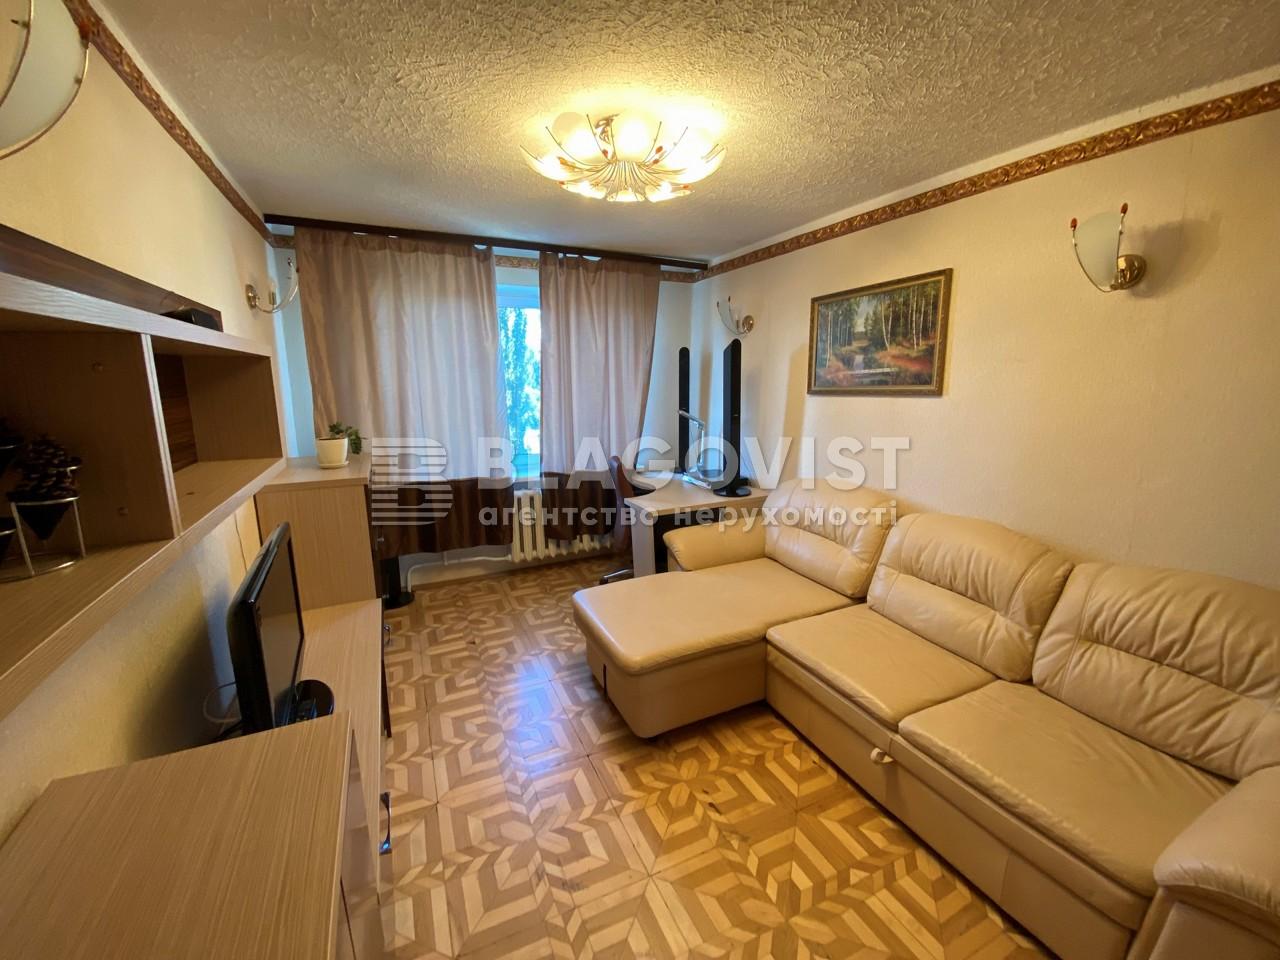 Квартира A-112566, Курбаса Леся (50-летия Октября) просп., 13, Киев - Фото 3